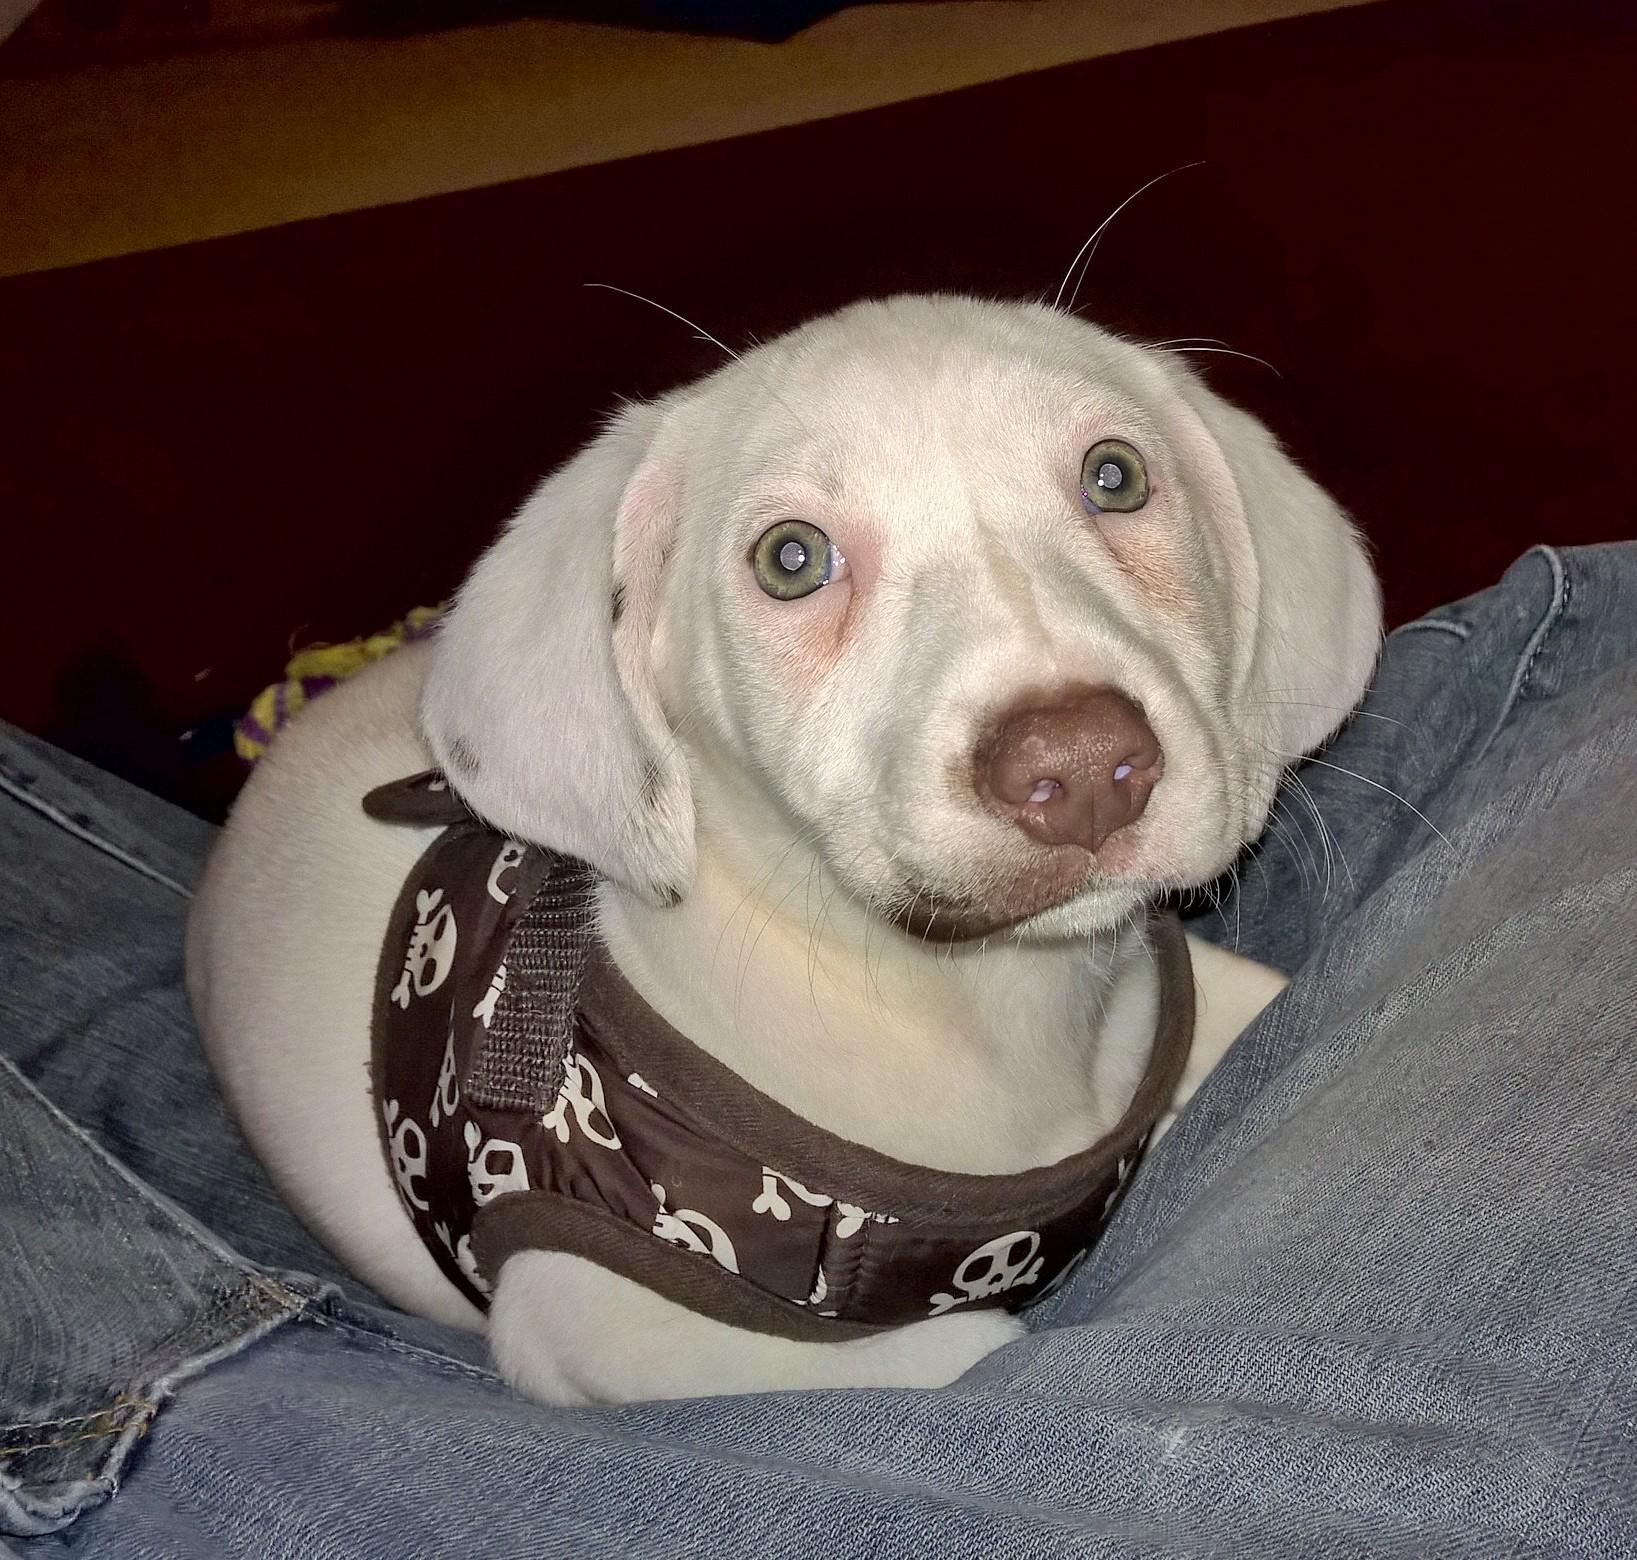 Gratuitous sad puppy photo